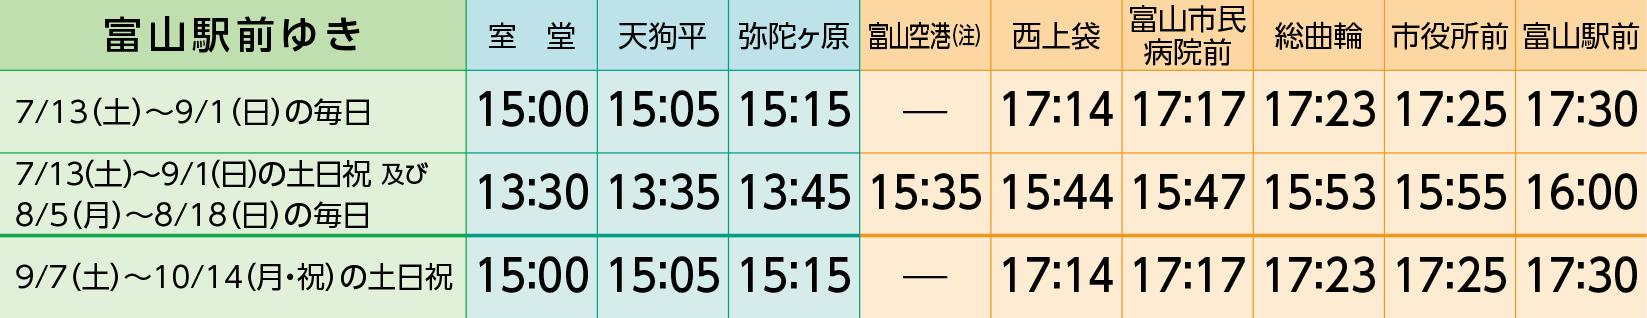 室堂→JR富山駅までの富山地方鉄道直行バスの時刻表